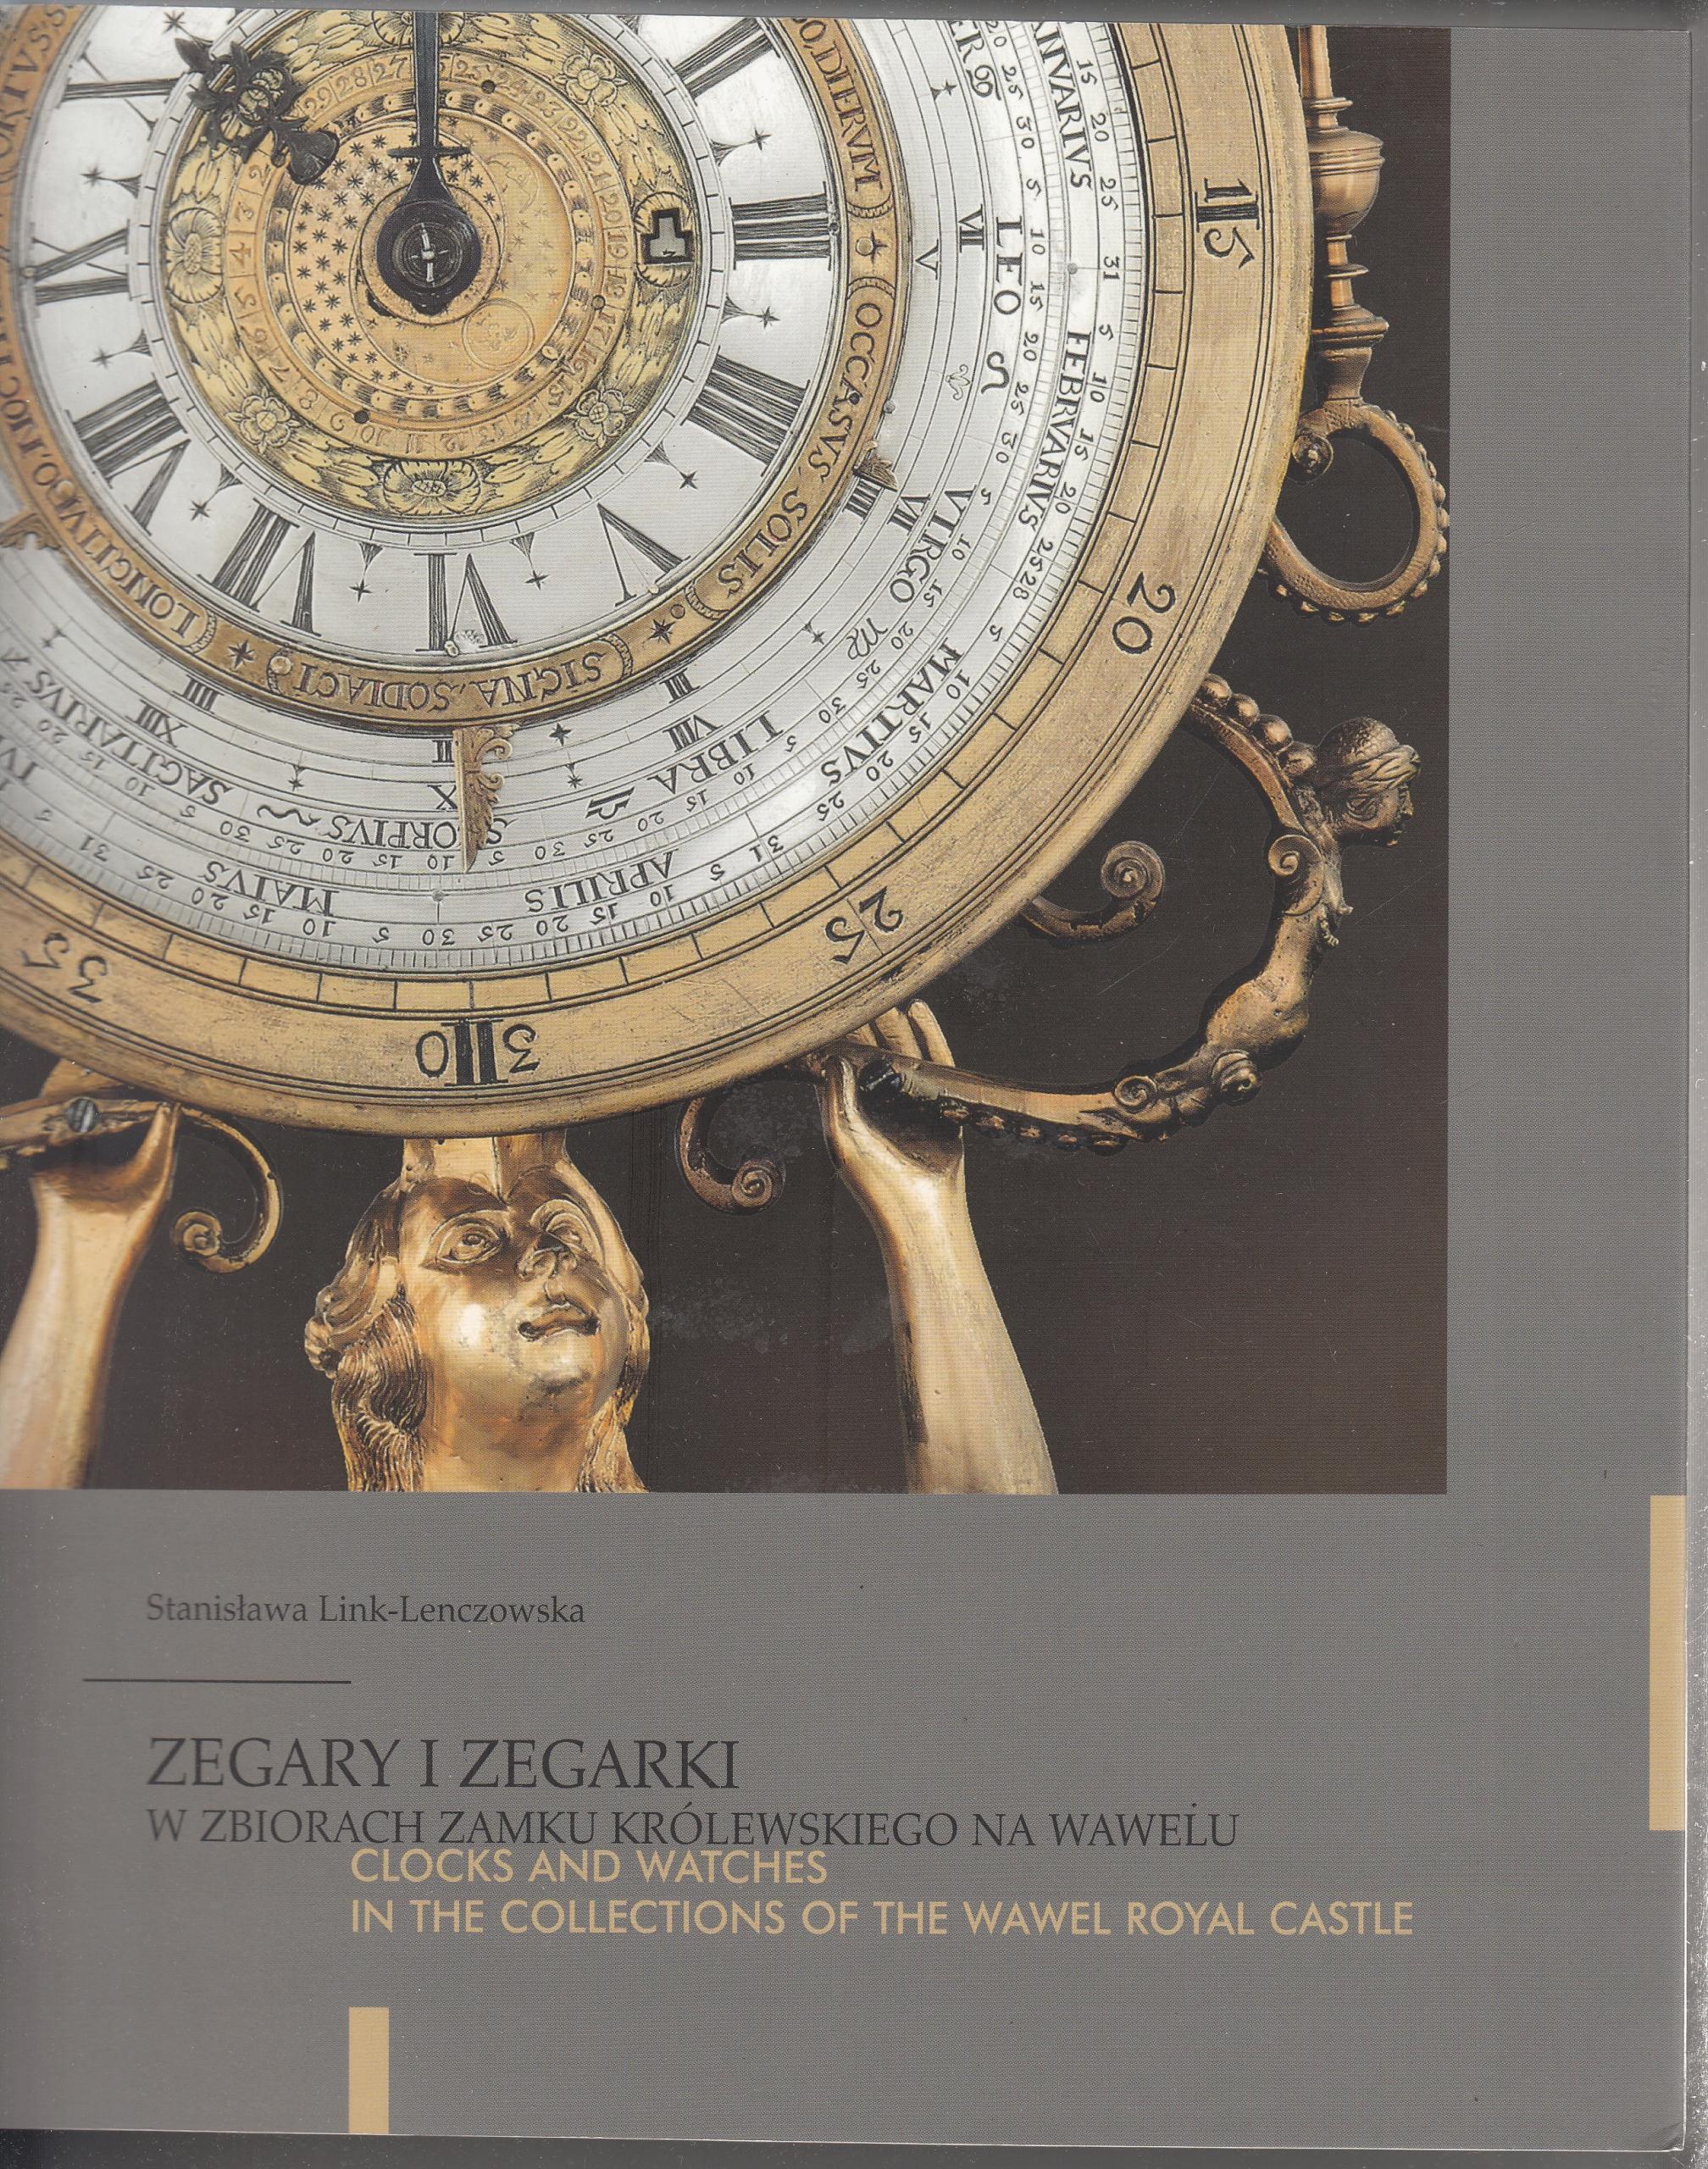 Часы и часы Коллекционный каталог объемом более 700 страниц.